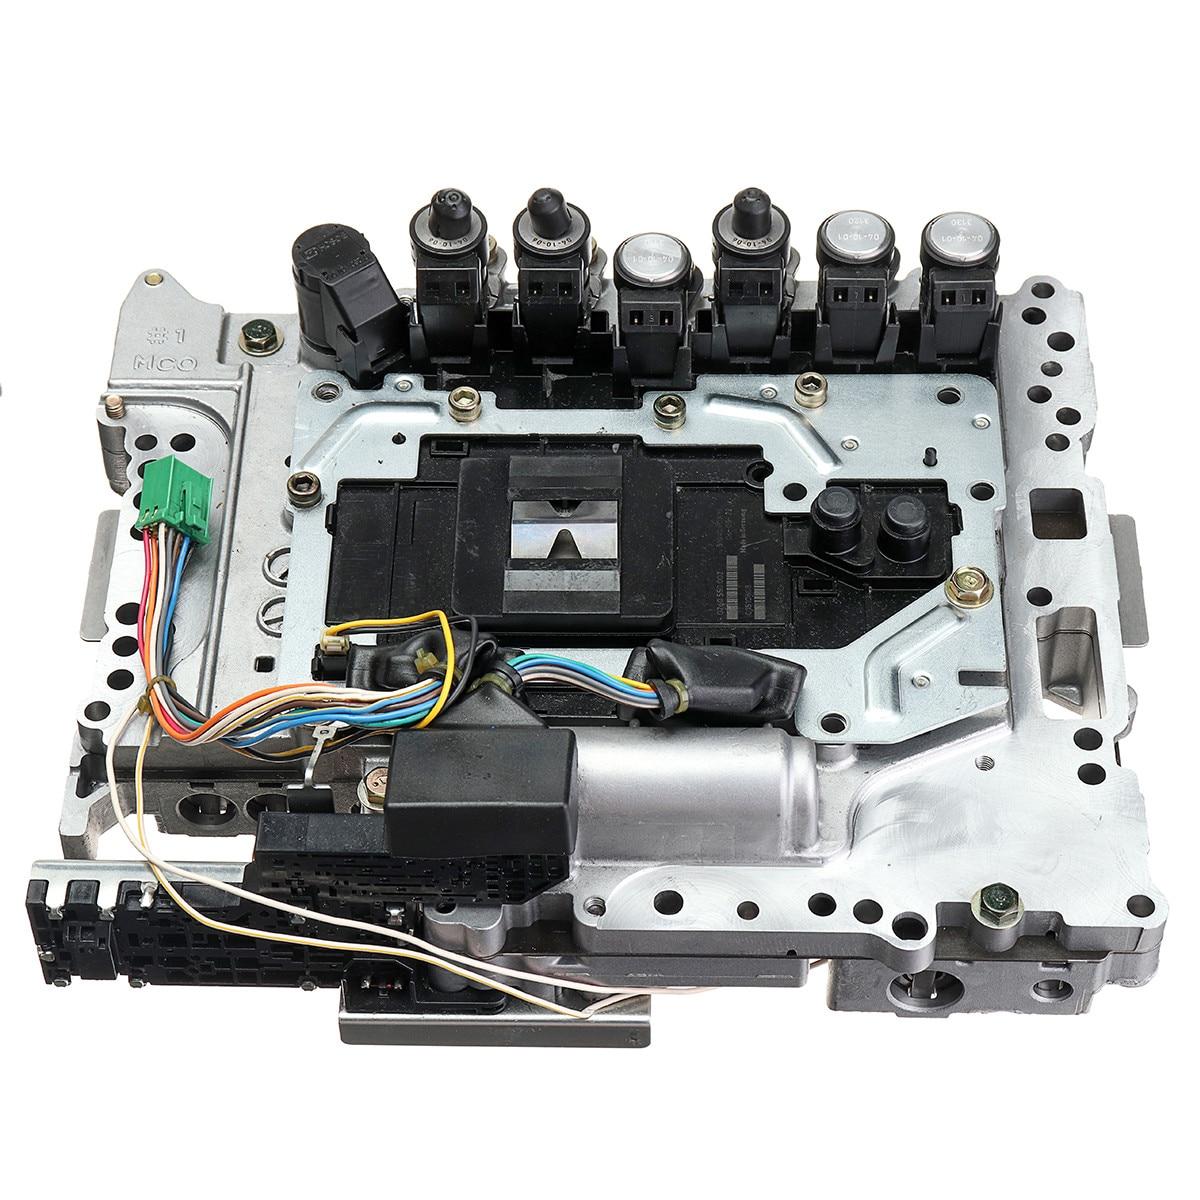 RE5R05A Valve Corps Adapte pour Nissan Xterra Pathfinder/Armada/Frontière Avec Tous Les Solénoïdes et TCM 31x25x10 cm